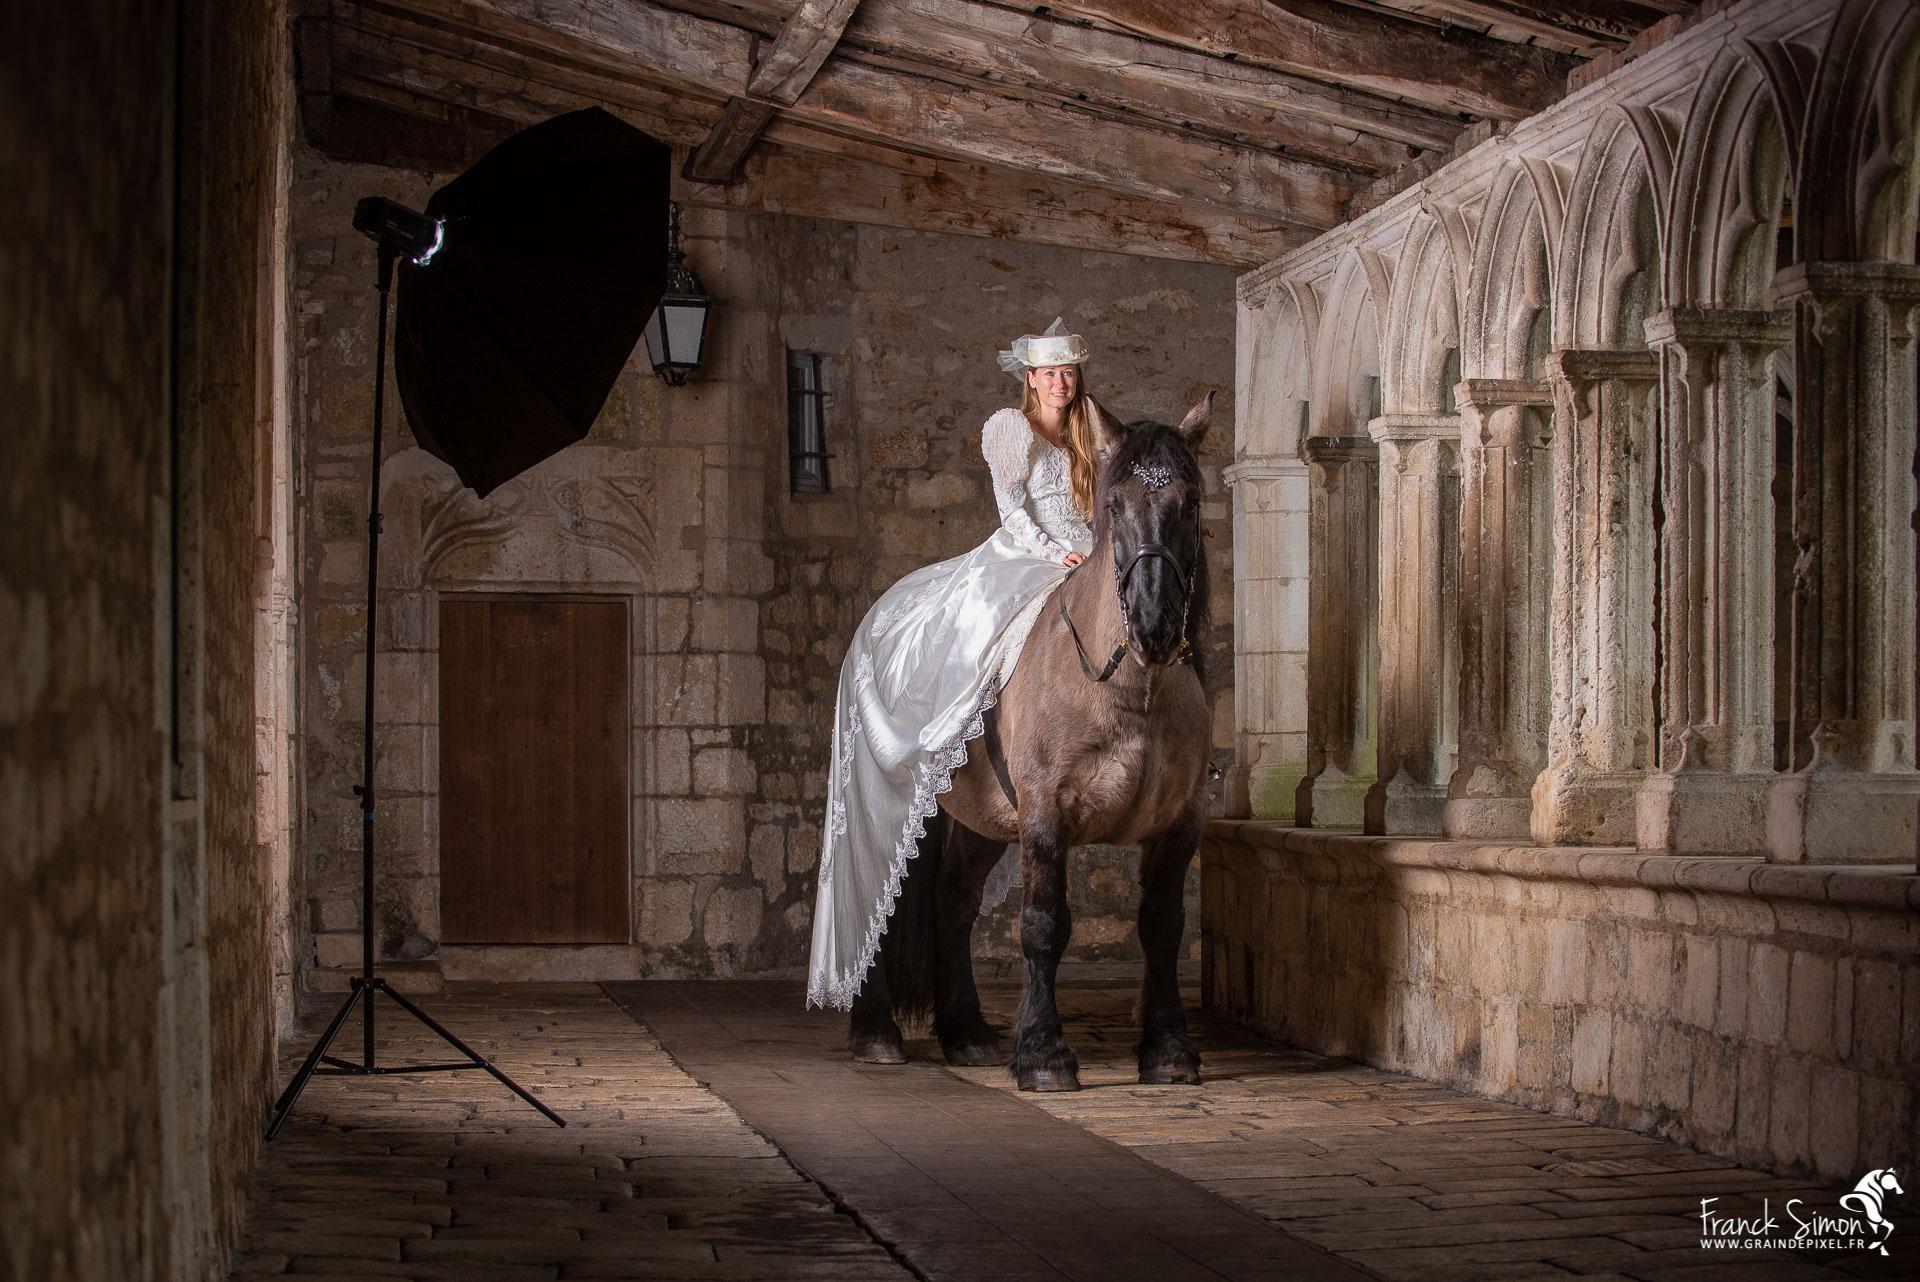 Un Cloitre, un cheval une histoire